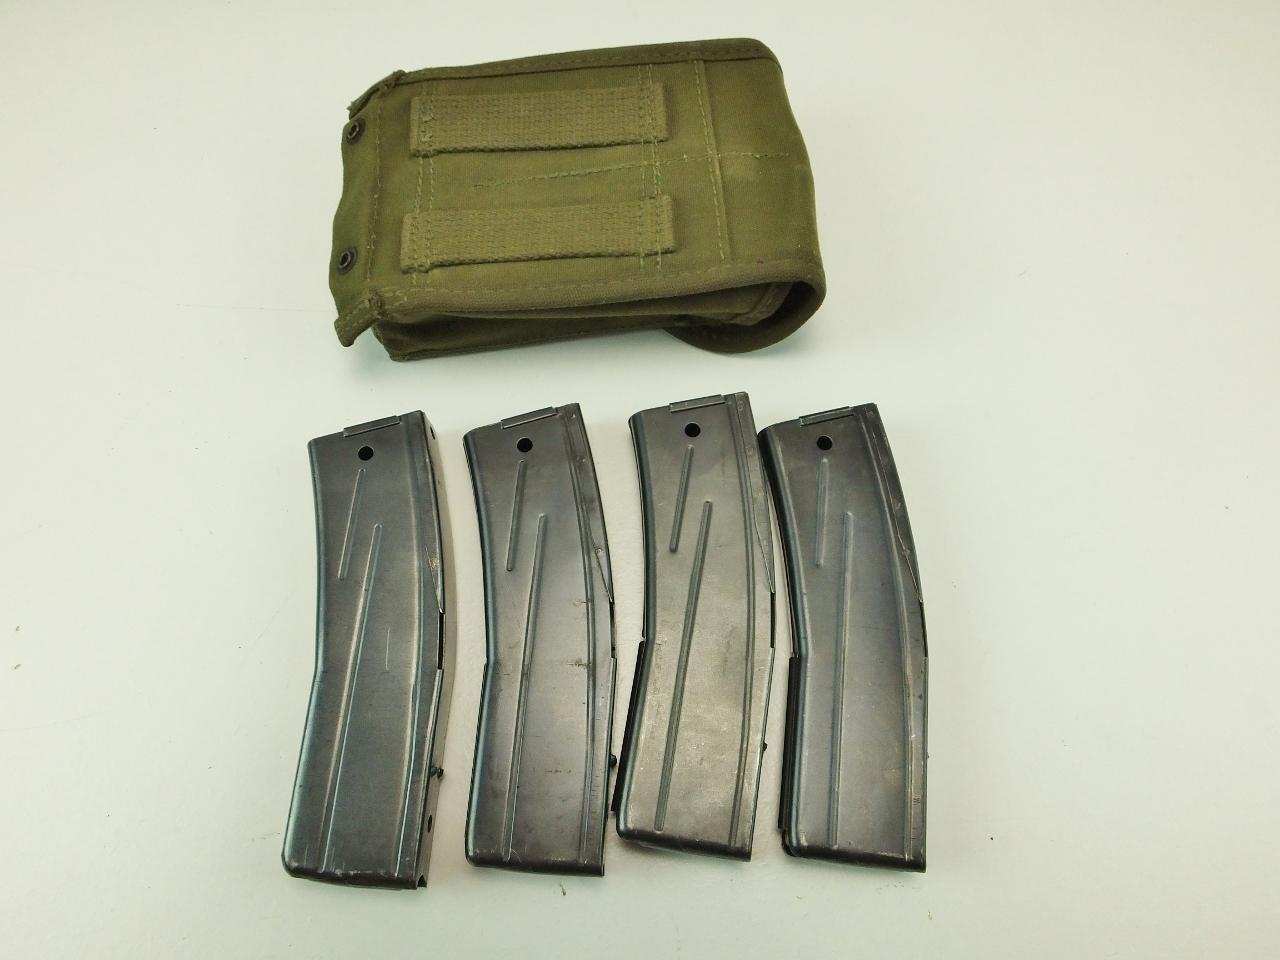 M2 Carbine 30 Round Magazines